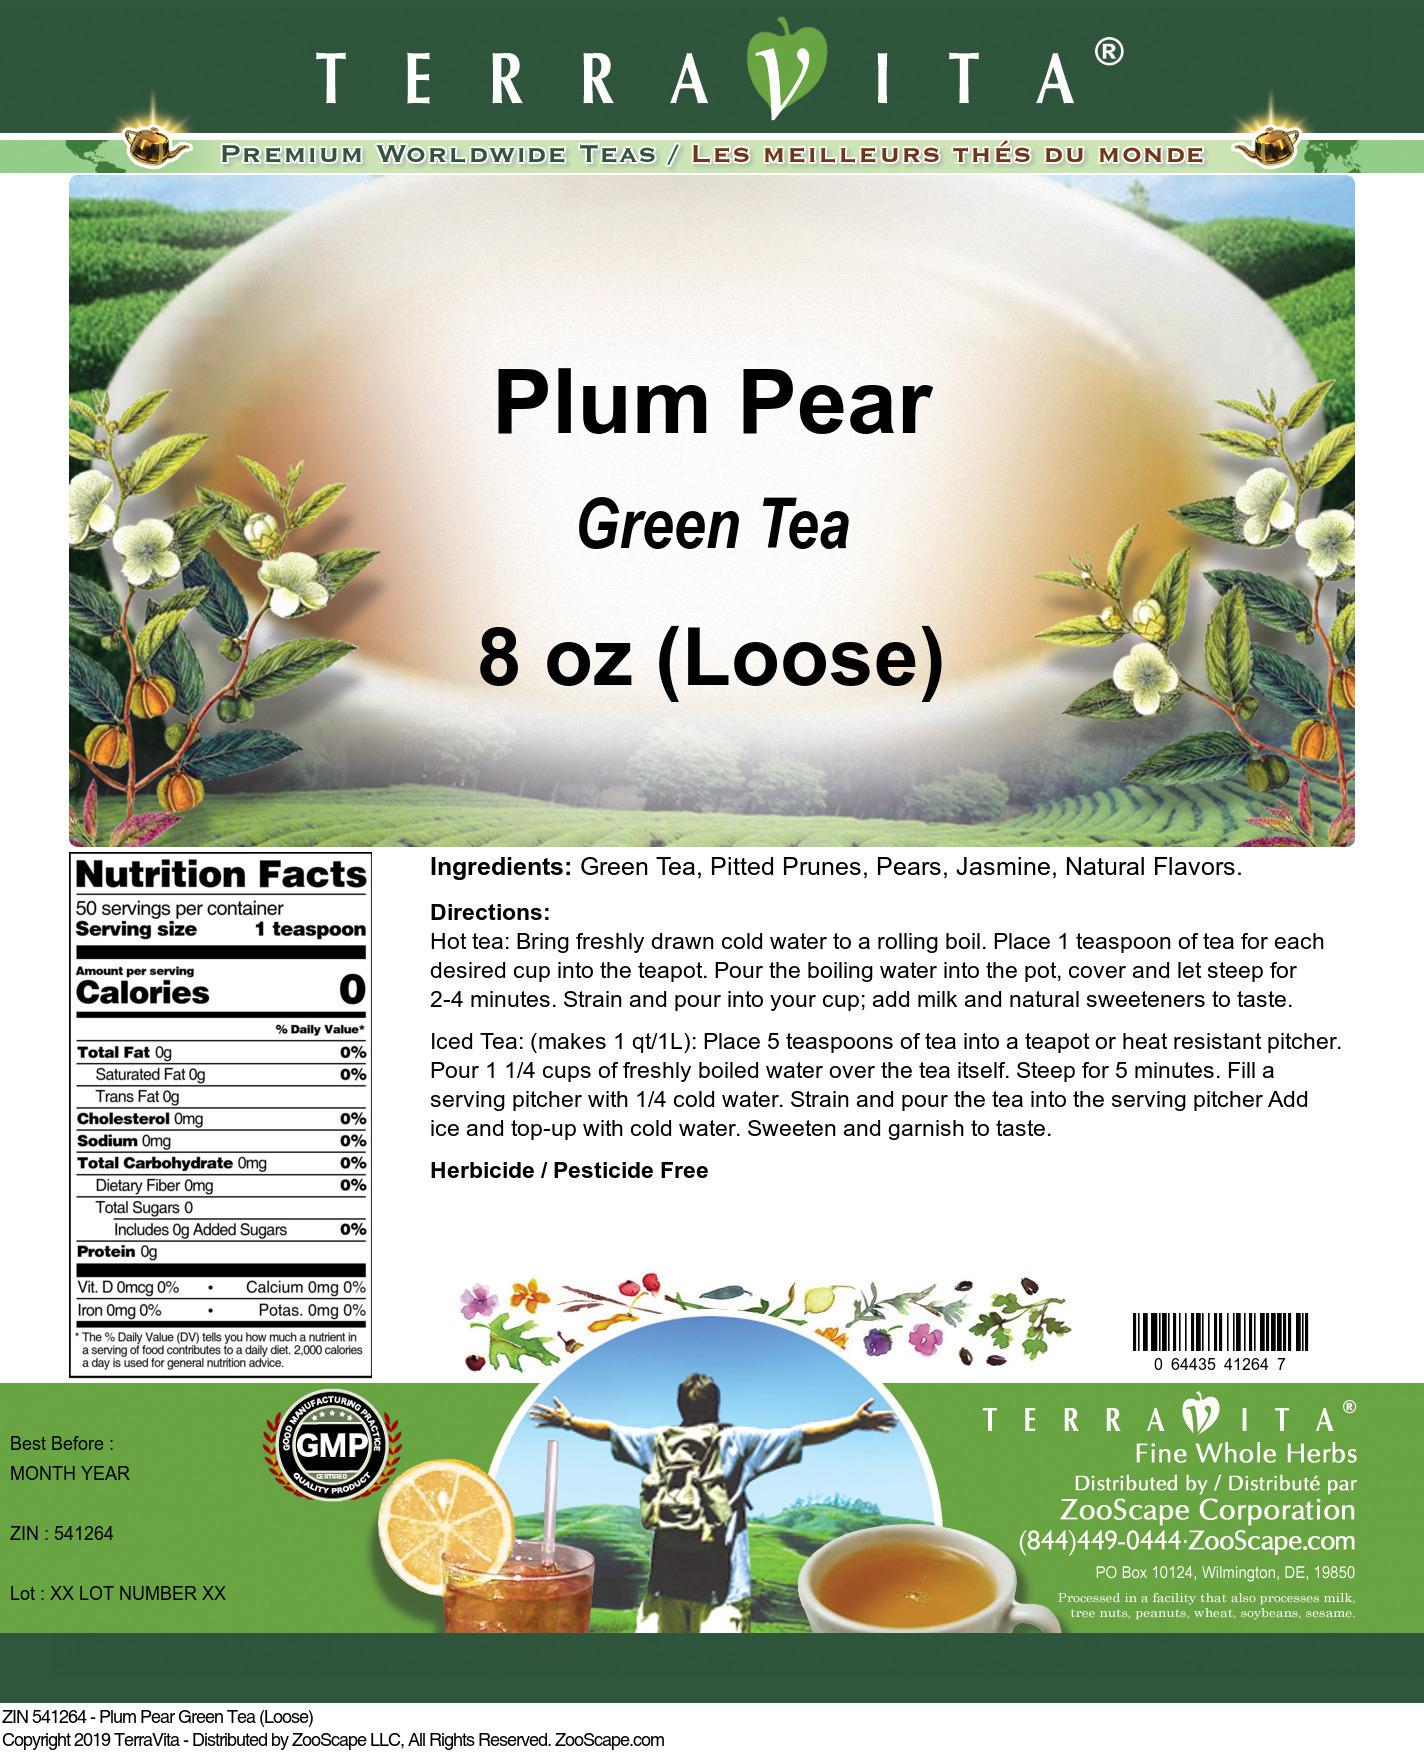 Plum Pear Green Tea